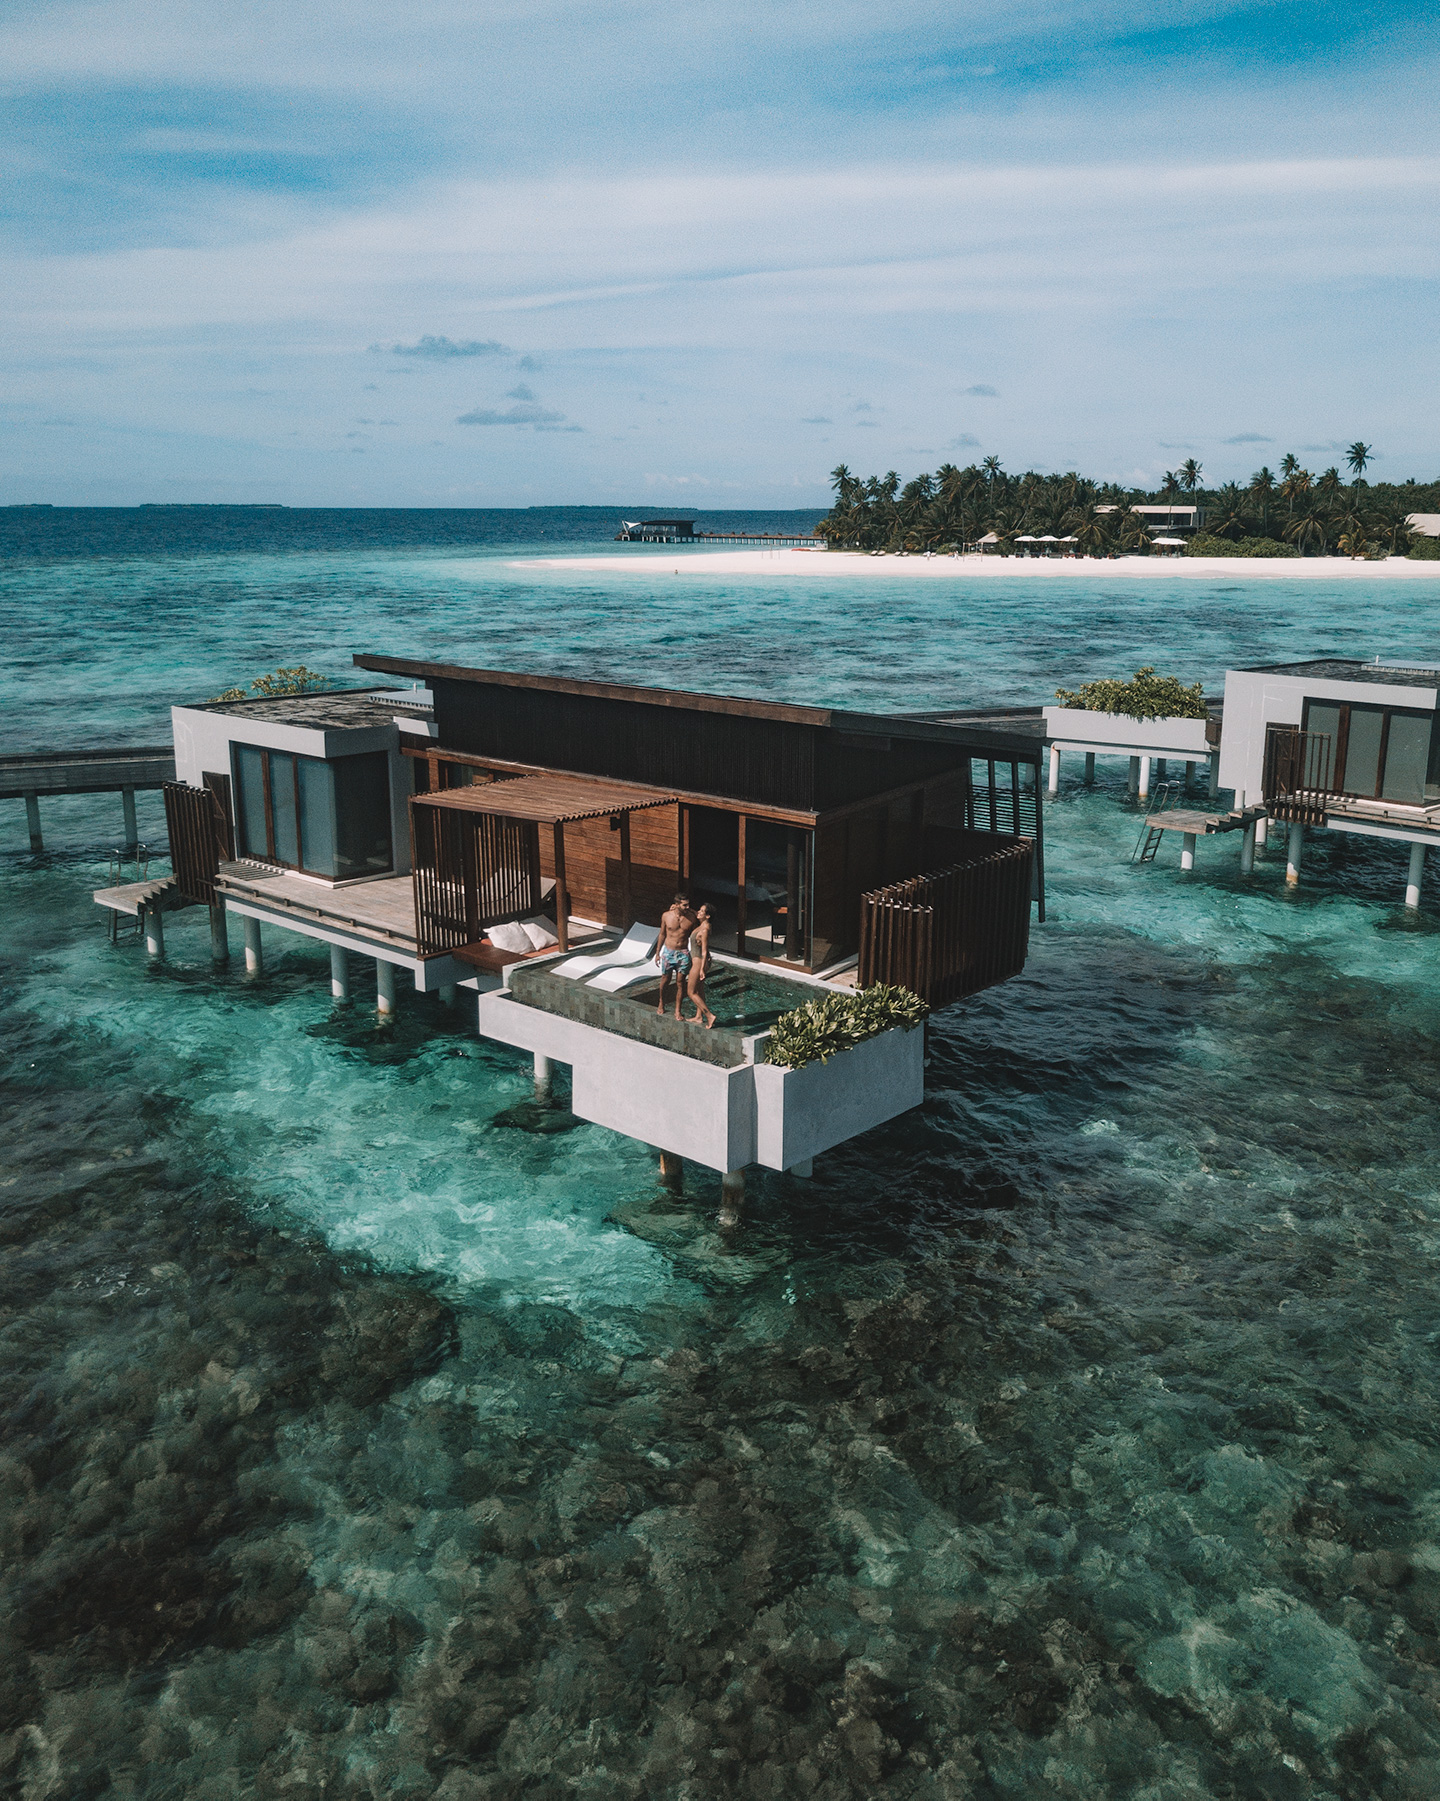 Park Hyatt Hadahaa Maldives Leading Resort freeoversea couple goals